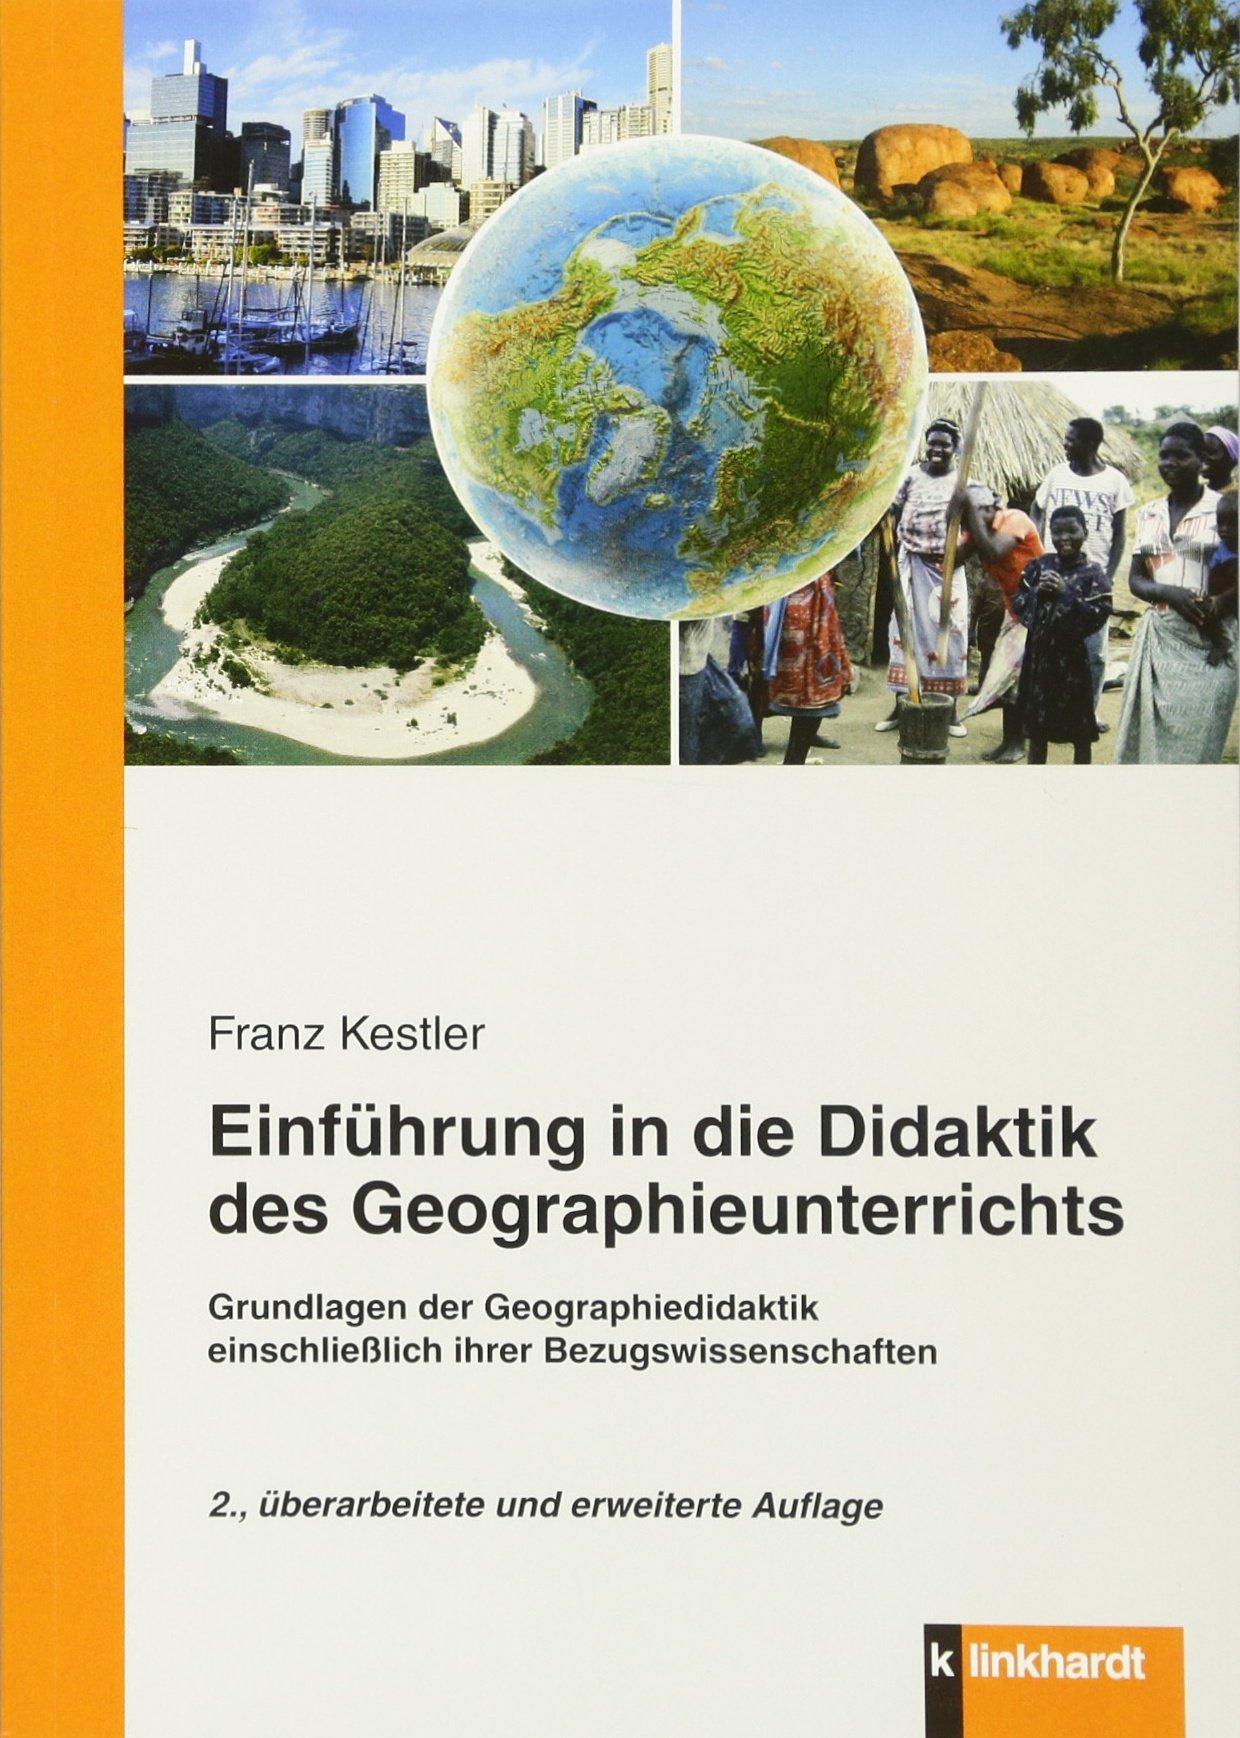 Einführung in die Didaktik des Geographieunterrichts: Grundlagen der Geographiedidaktik und ihrer Bezugswissenschaften